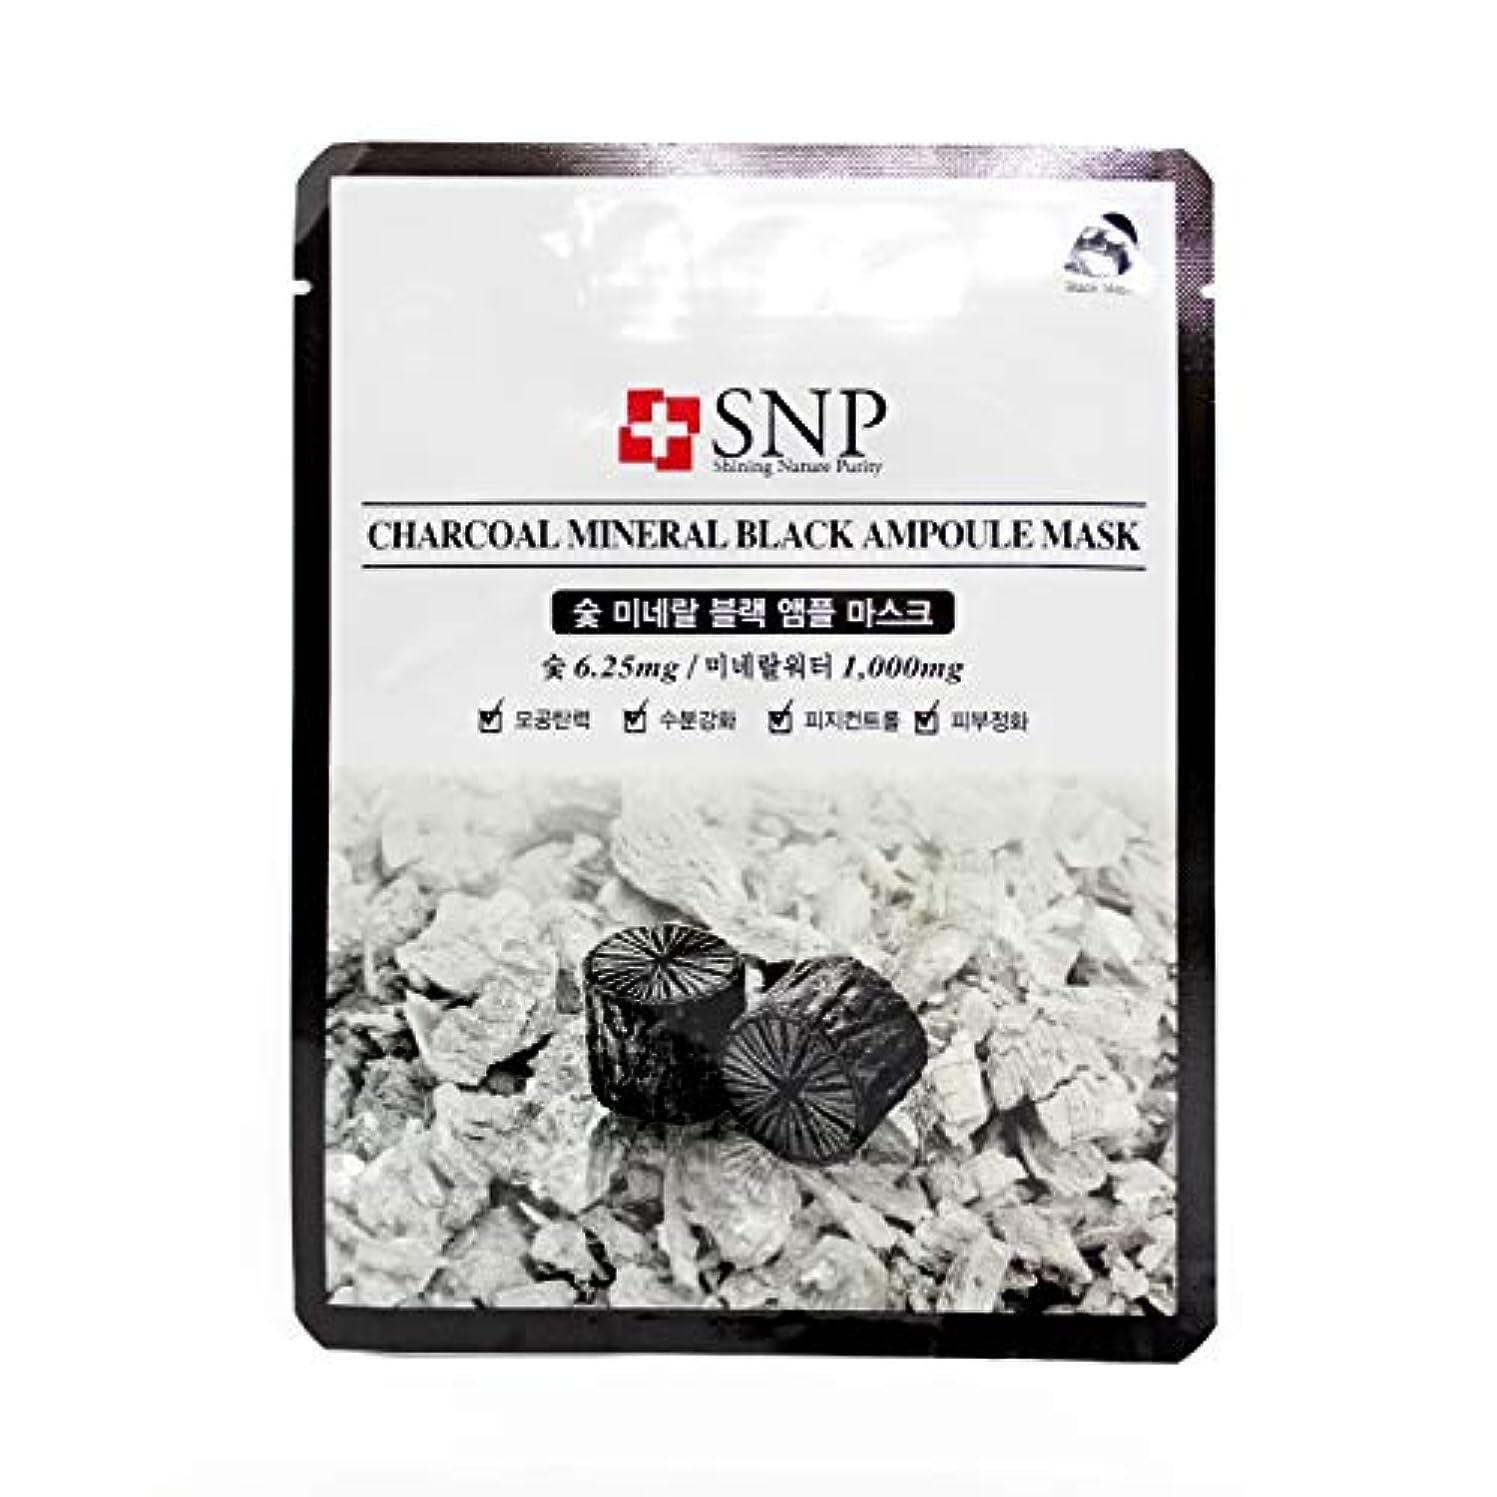 はぁスイッチ商品SNP エスエヌピー 炭 ミネラル ブラック アンプル マスク 10枚セット